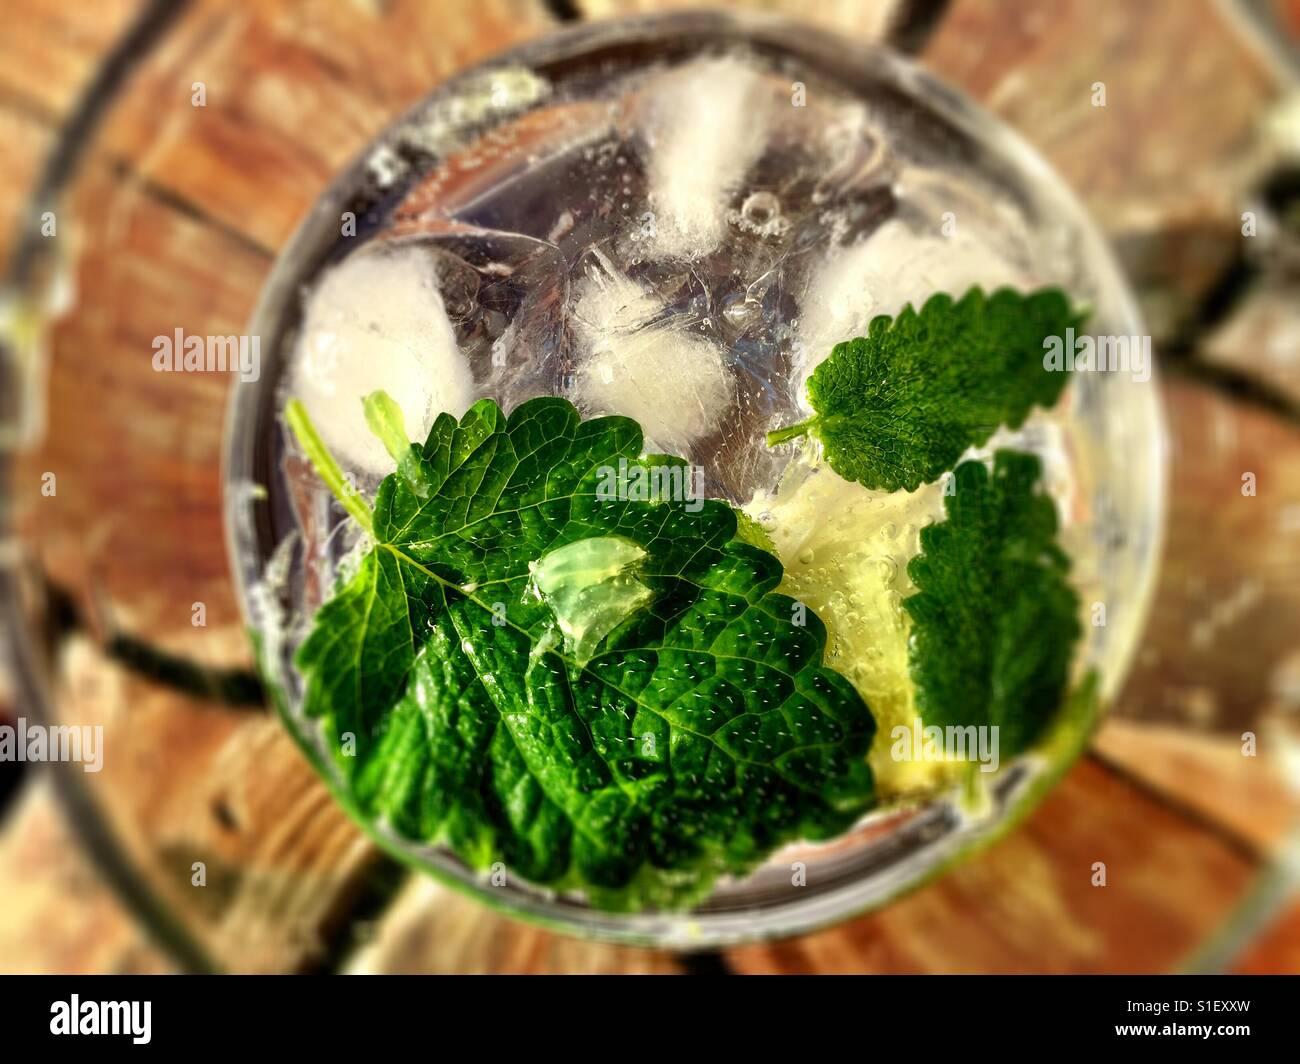 Gin Tonic realizzato con calce, apple balm mint (che era meravigliosa) e tonnellate di ghiaccio. Buonissima. Immagini Stock